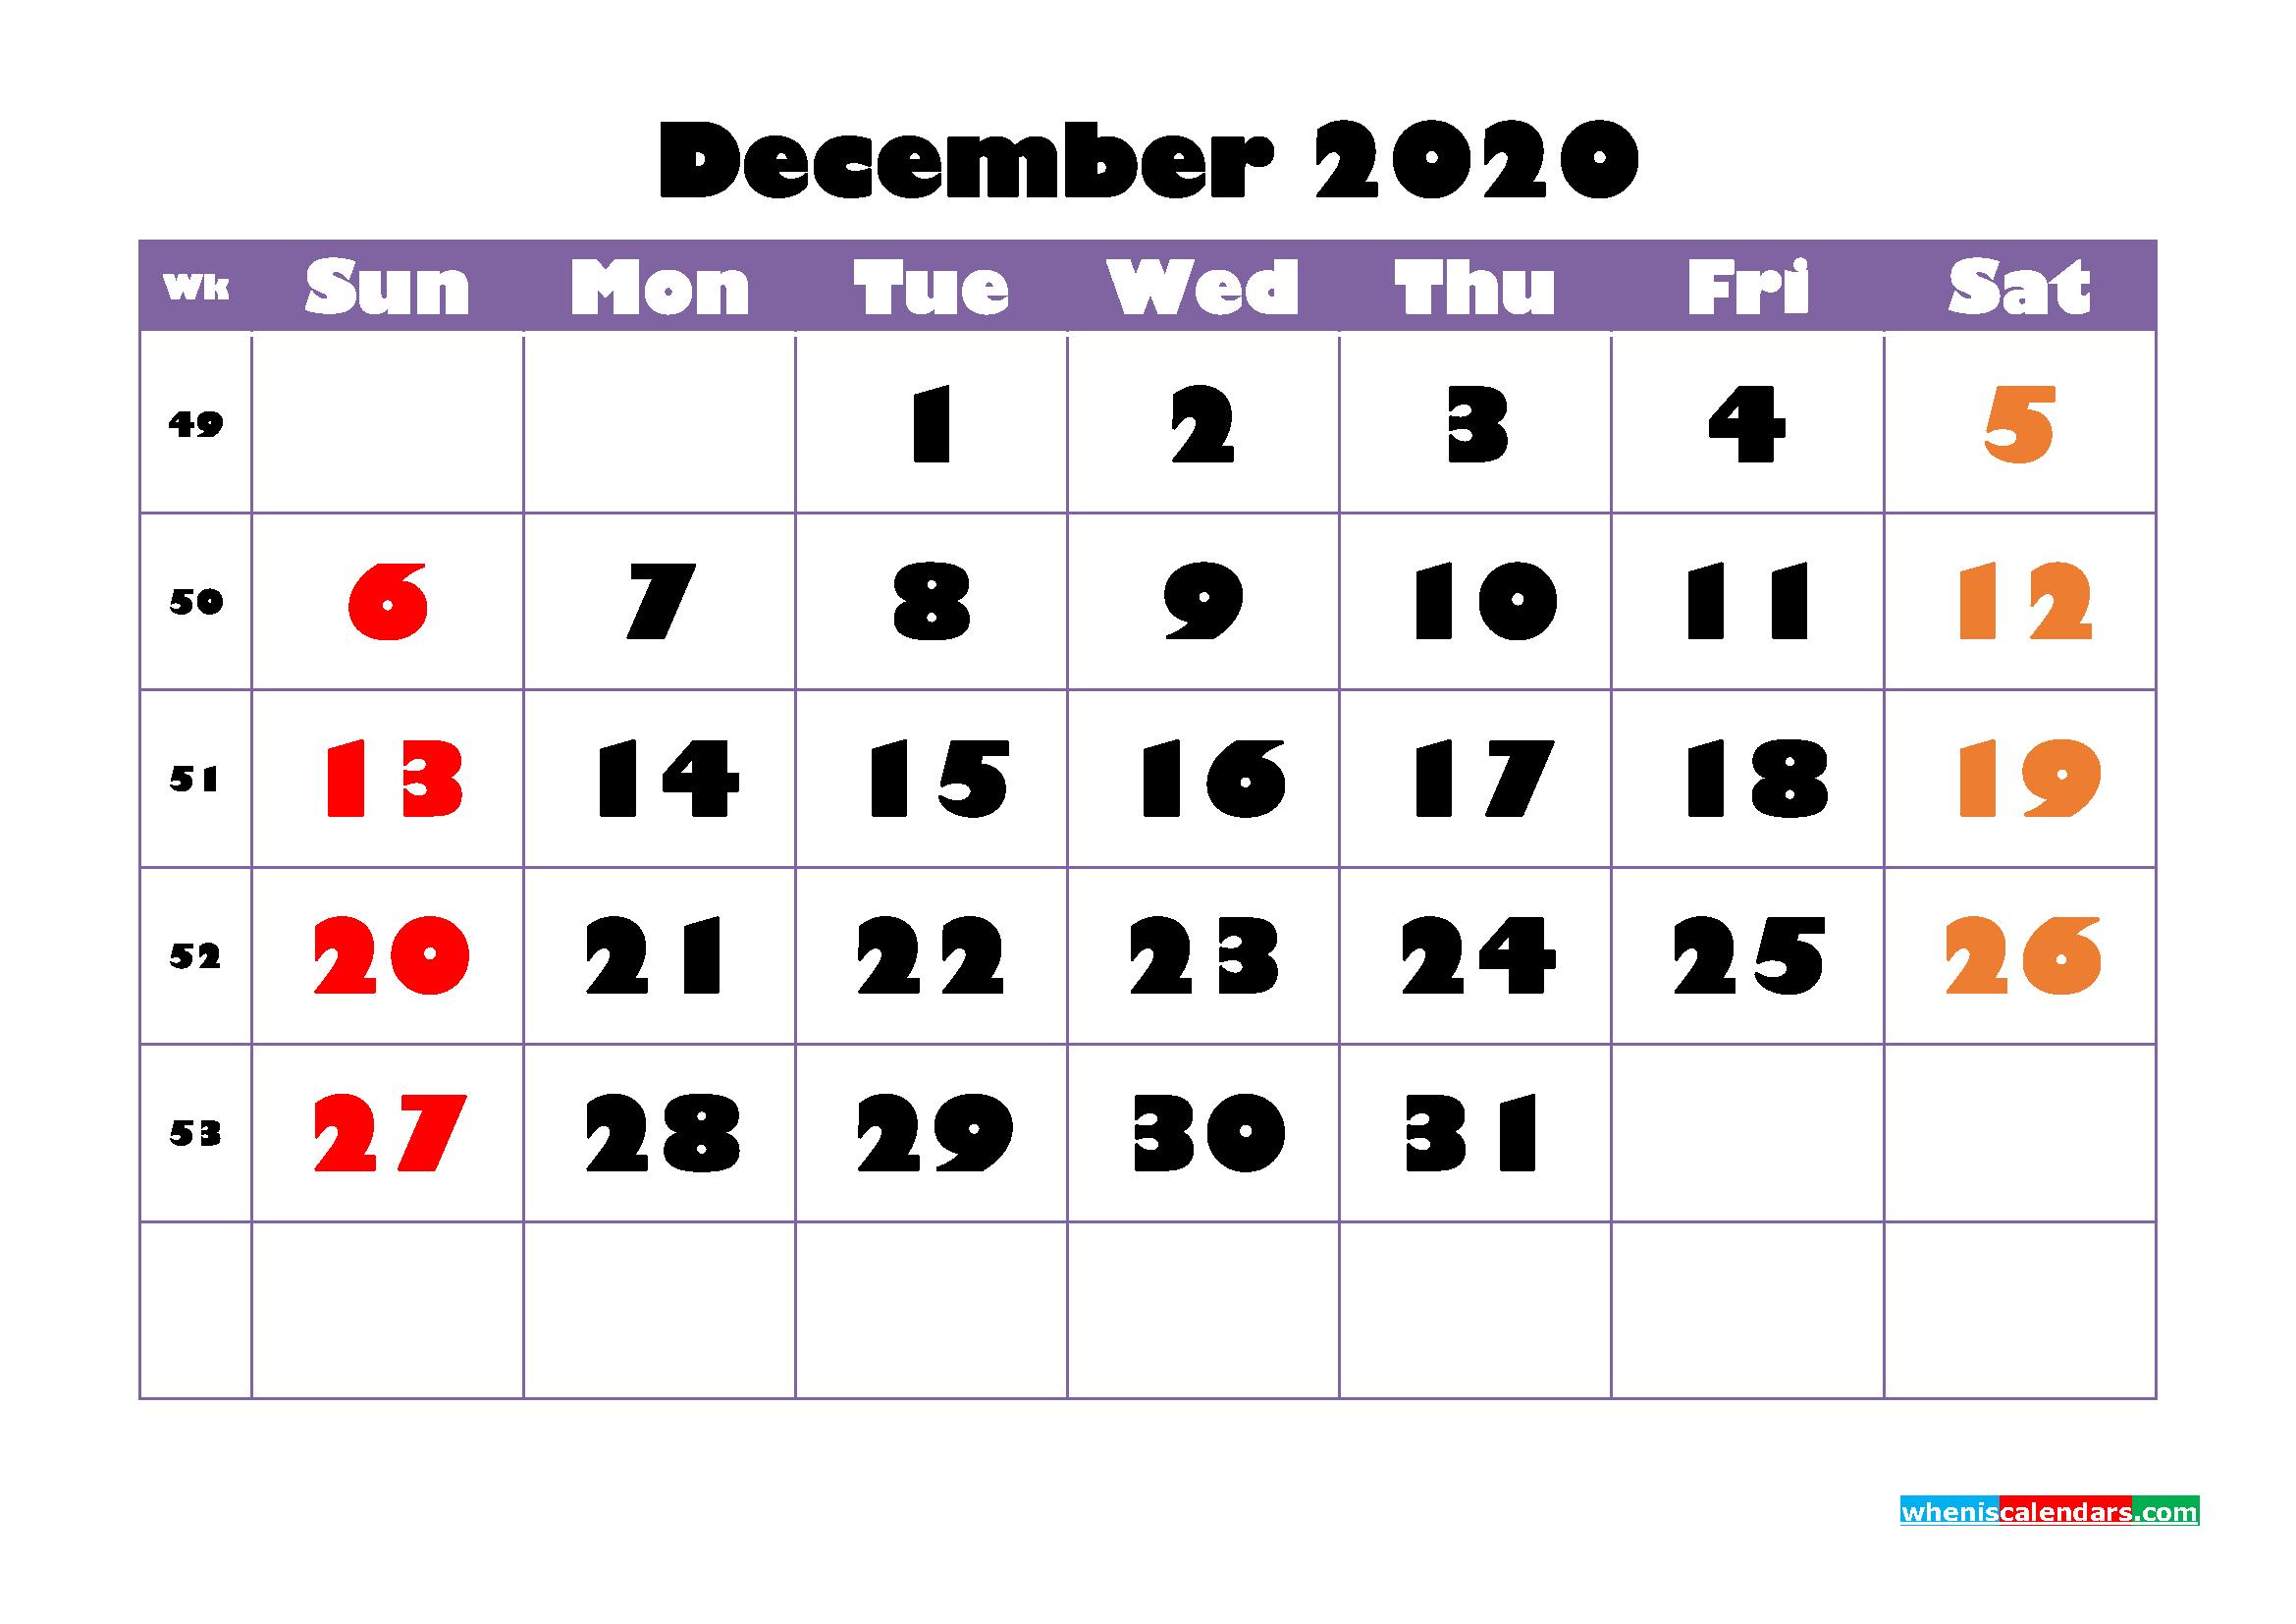 Free Printable December 2020 Calendar - No.m20b756